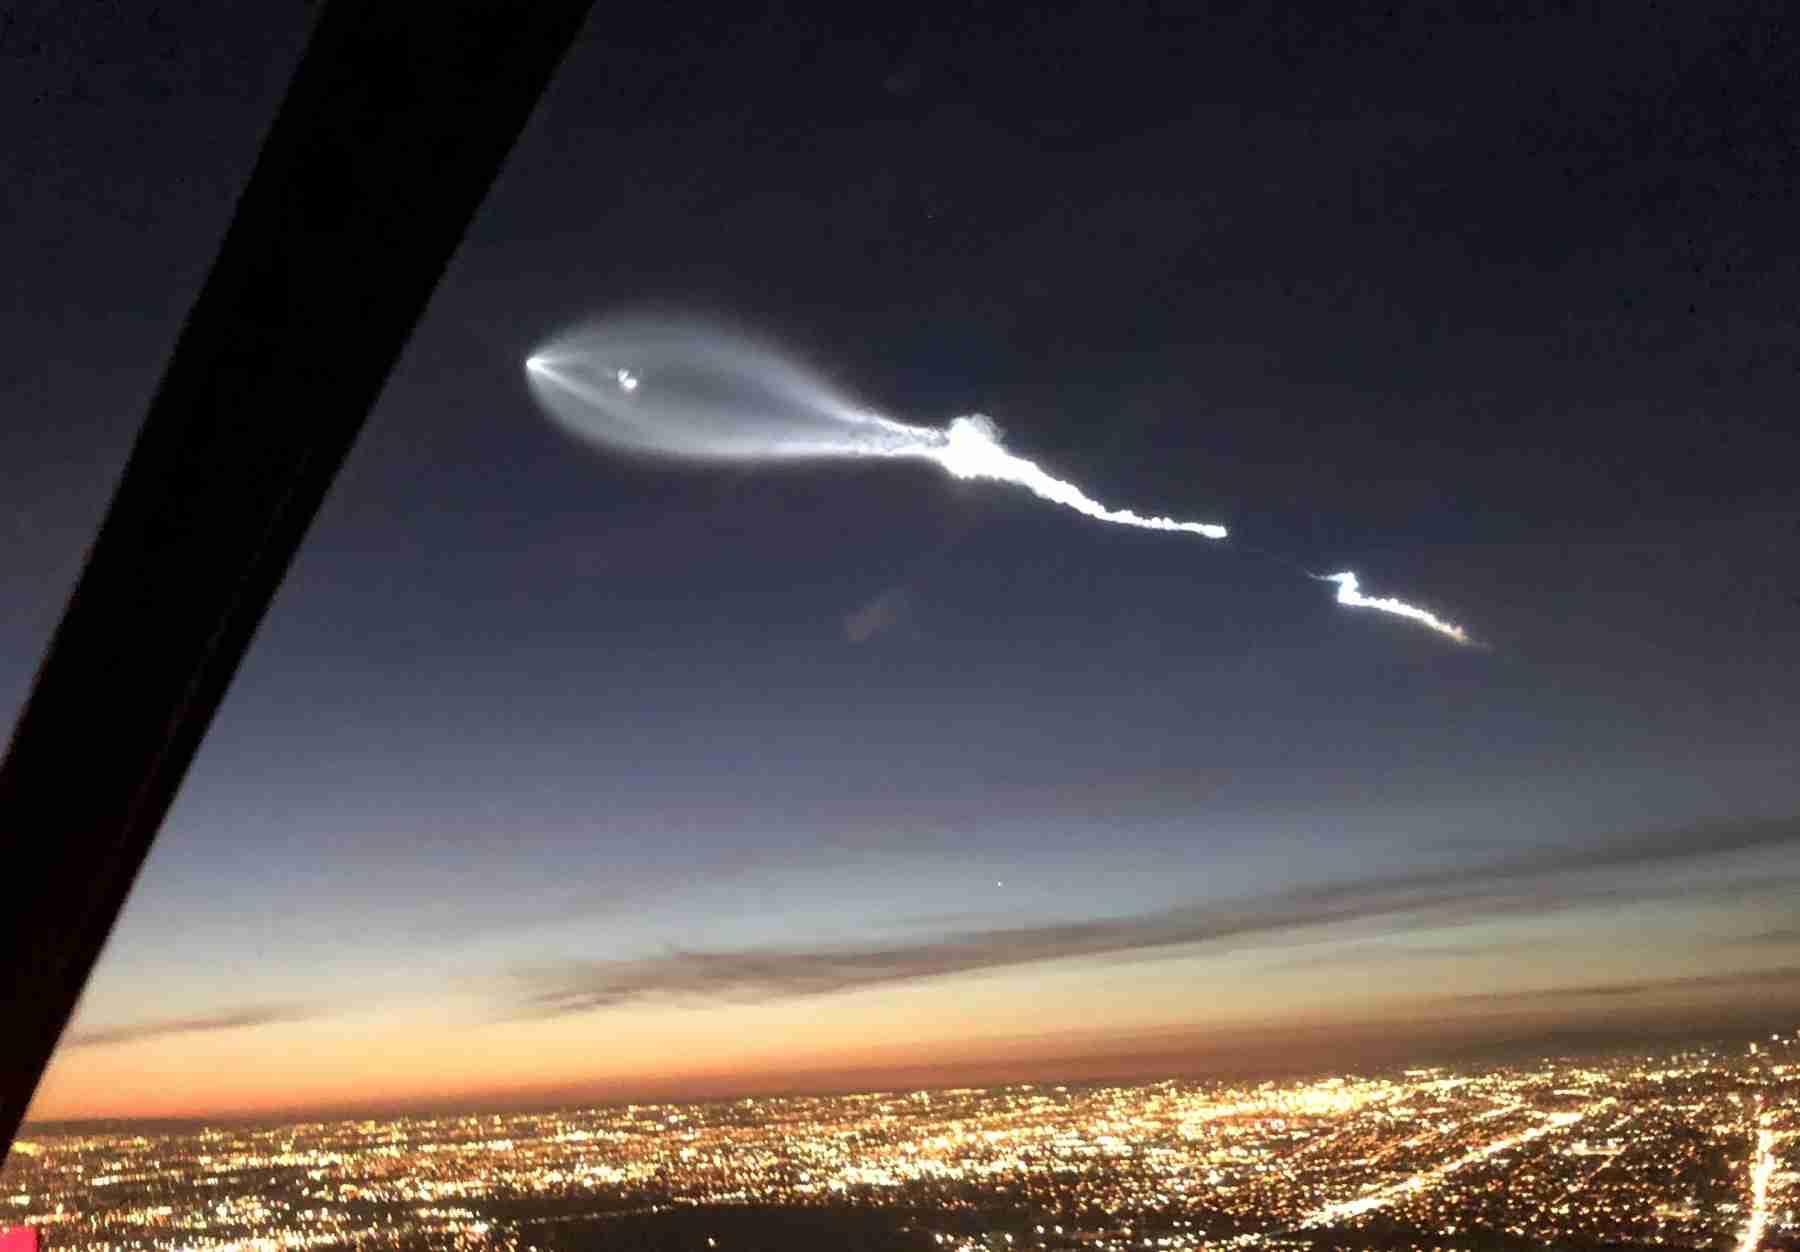 夕刻のLAに謎の飛行物体が出現し、一時SNSが騒然。正体は…